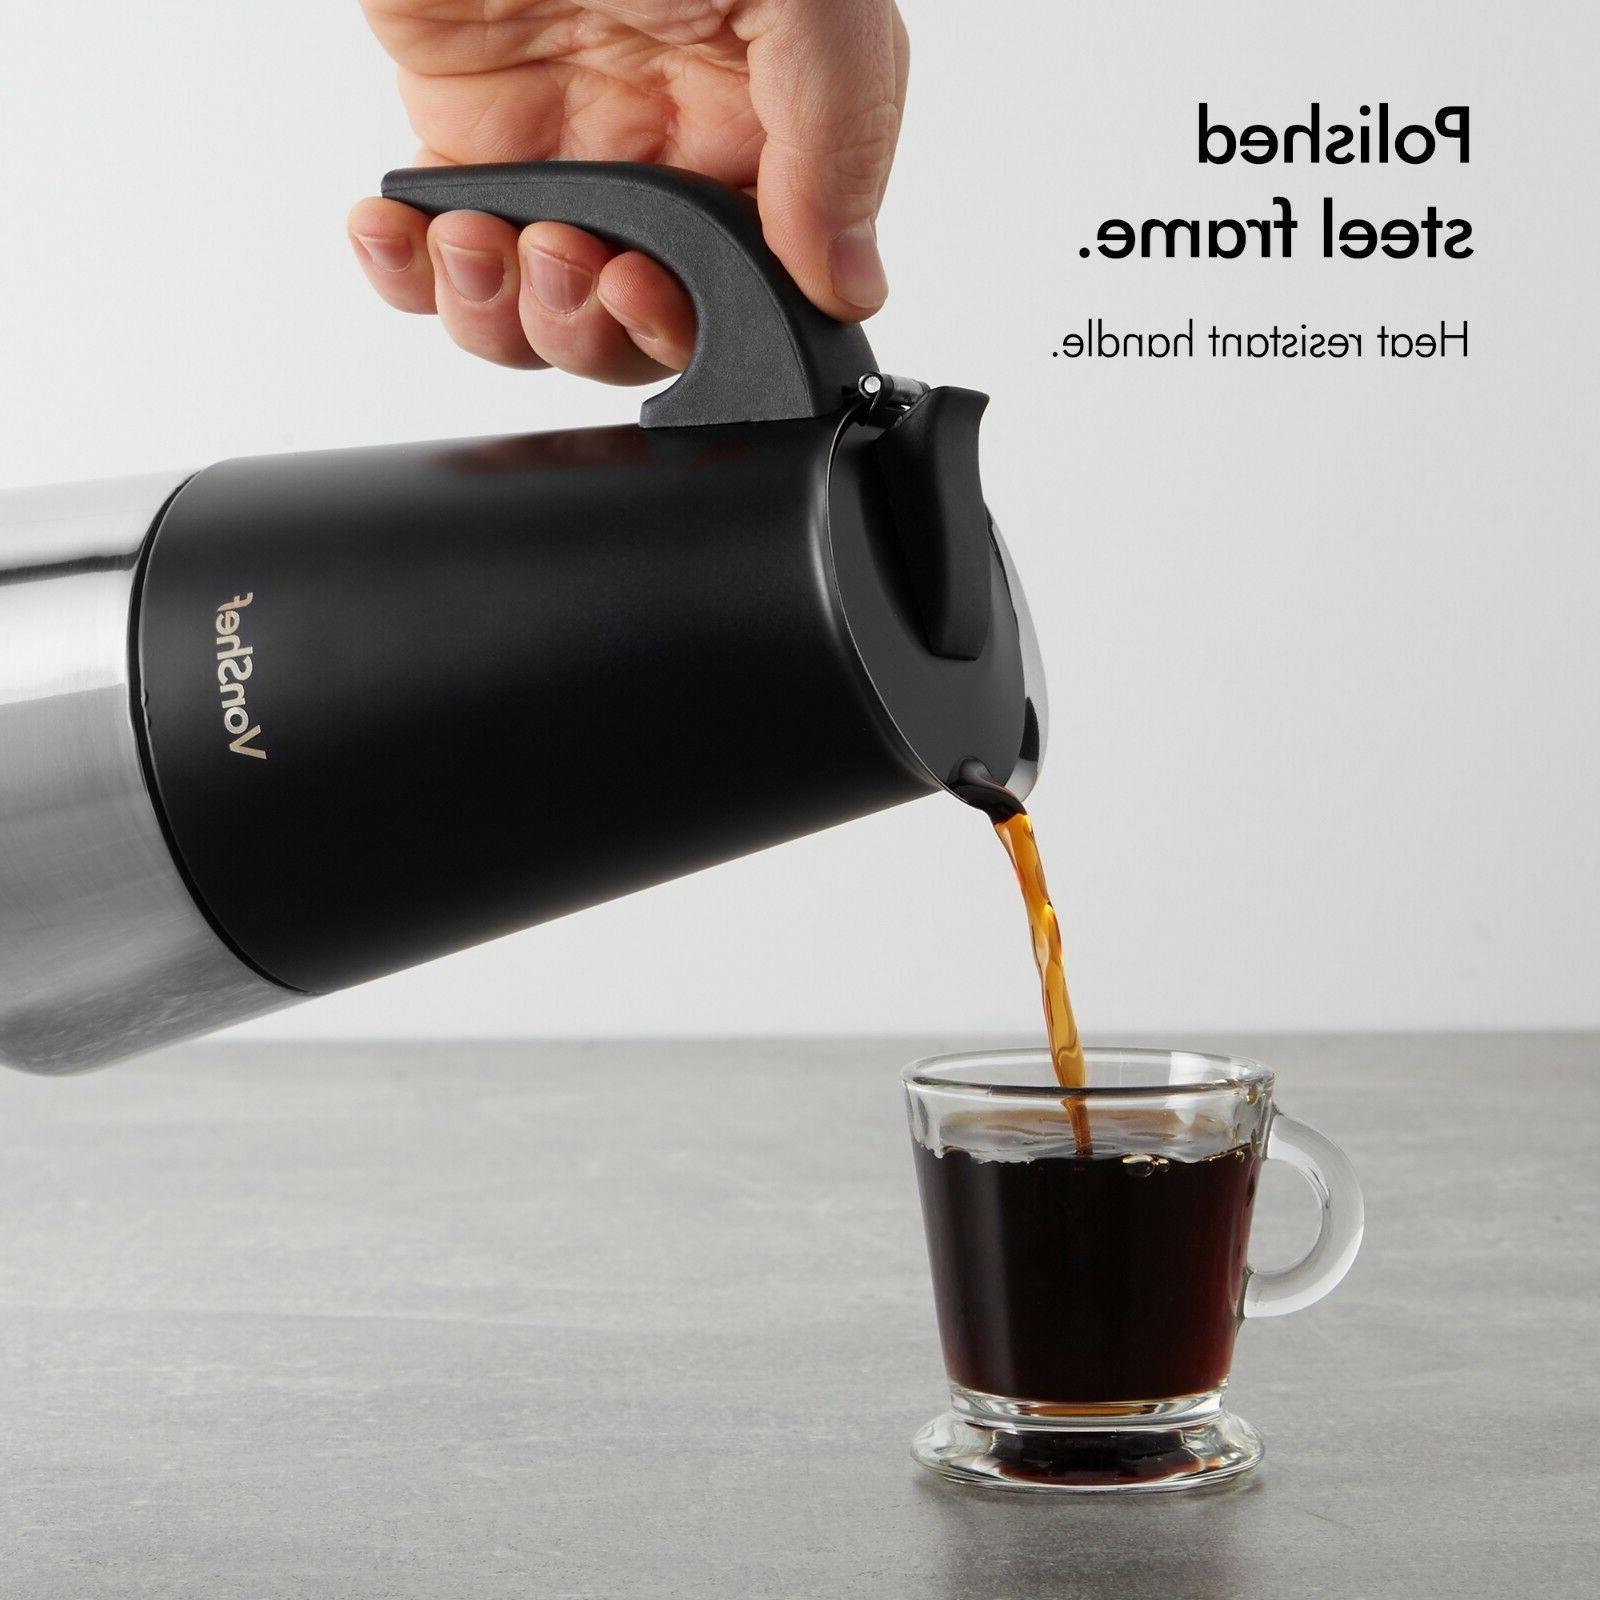 VonShef Cup Espresso Maker Black Steel